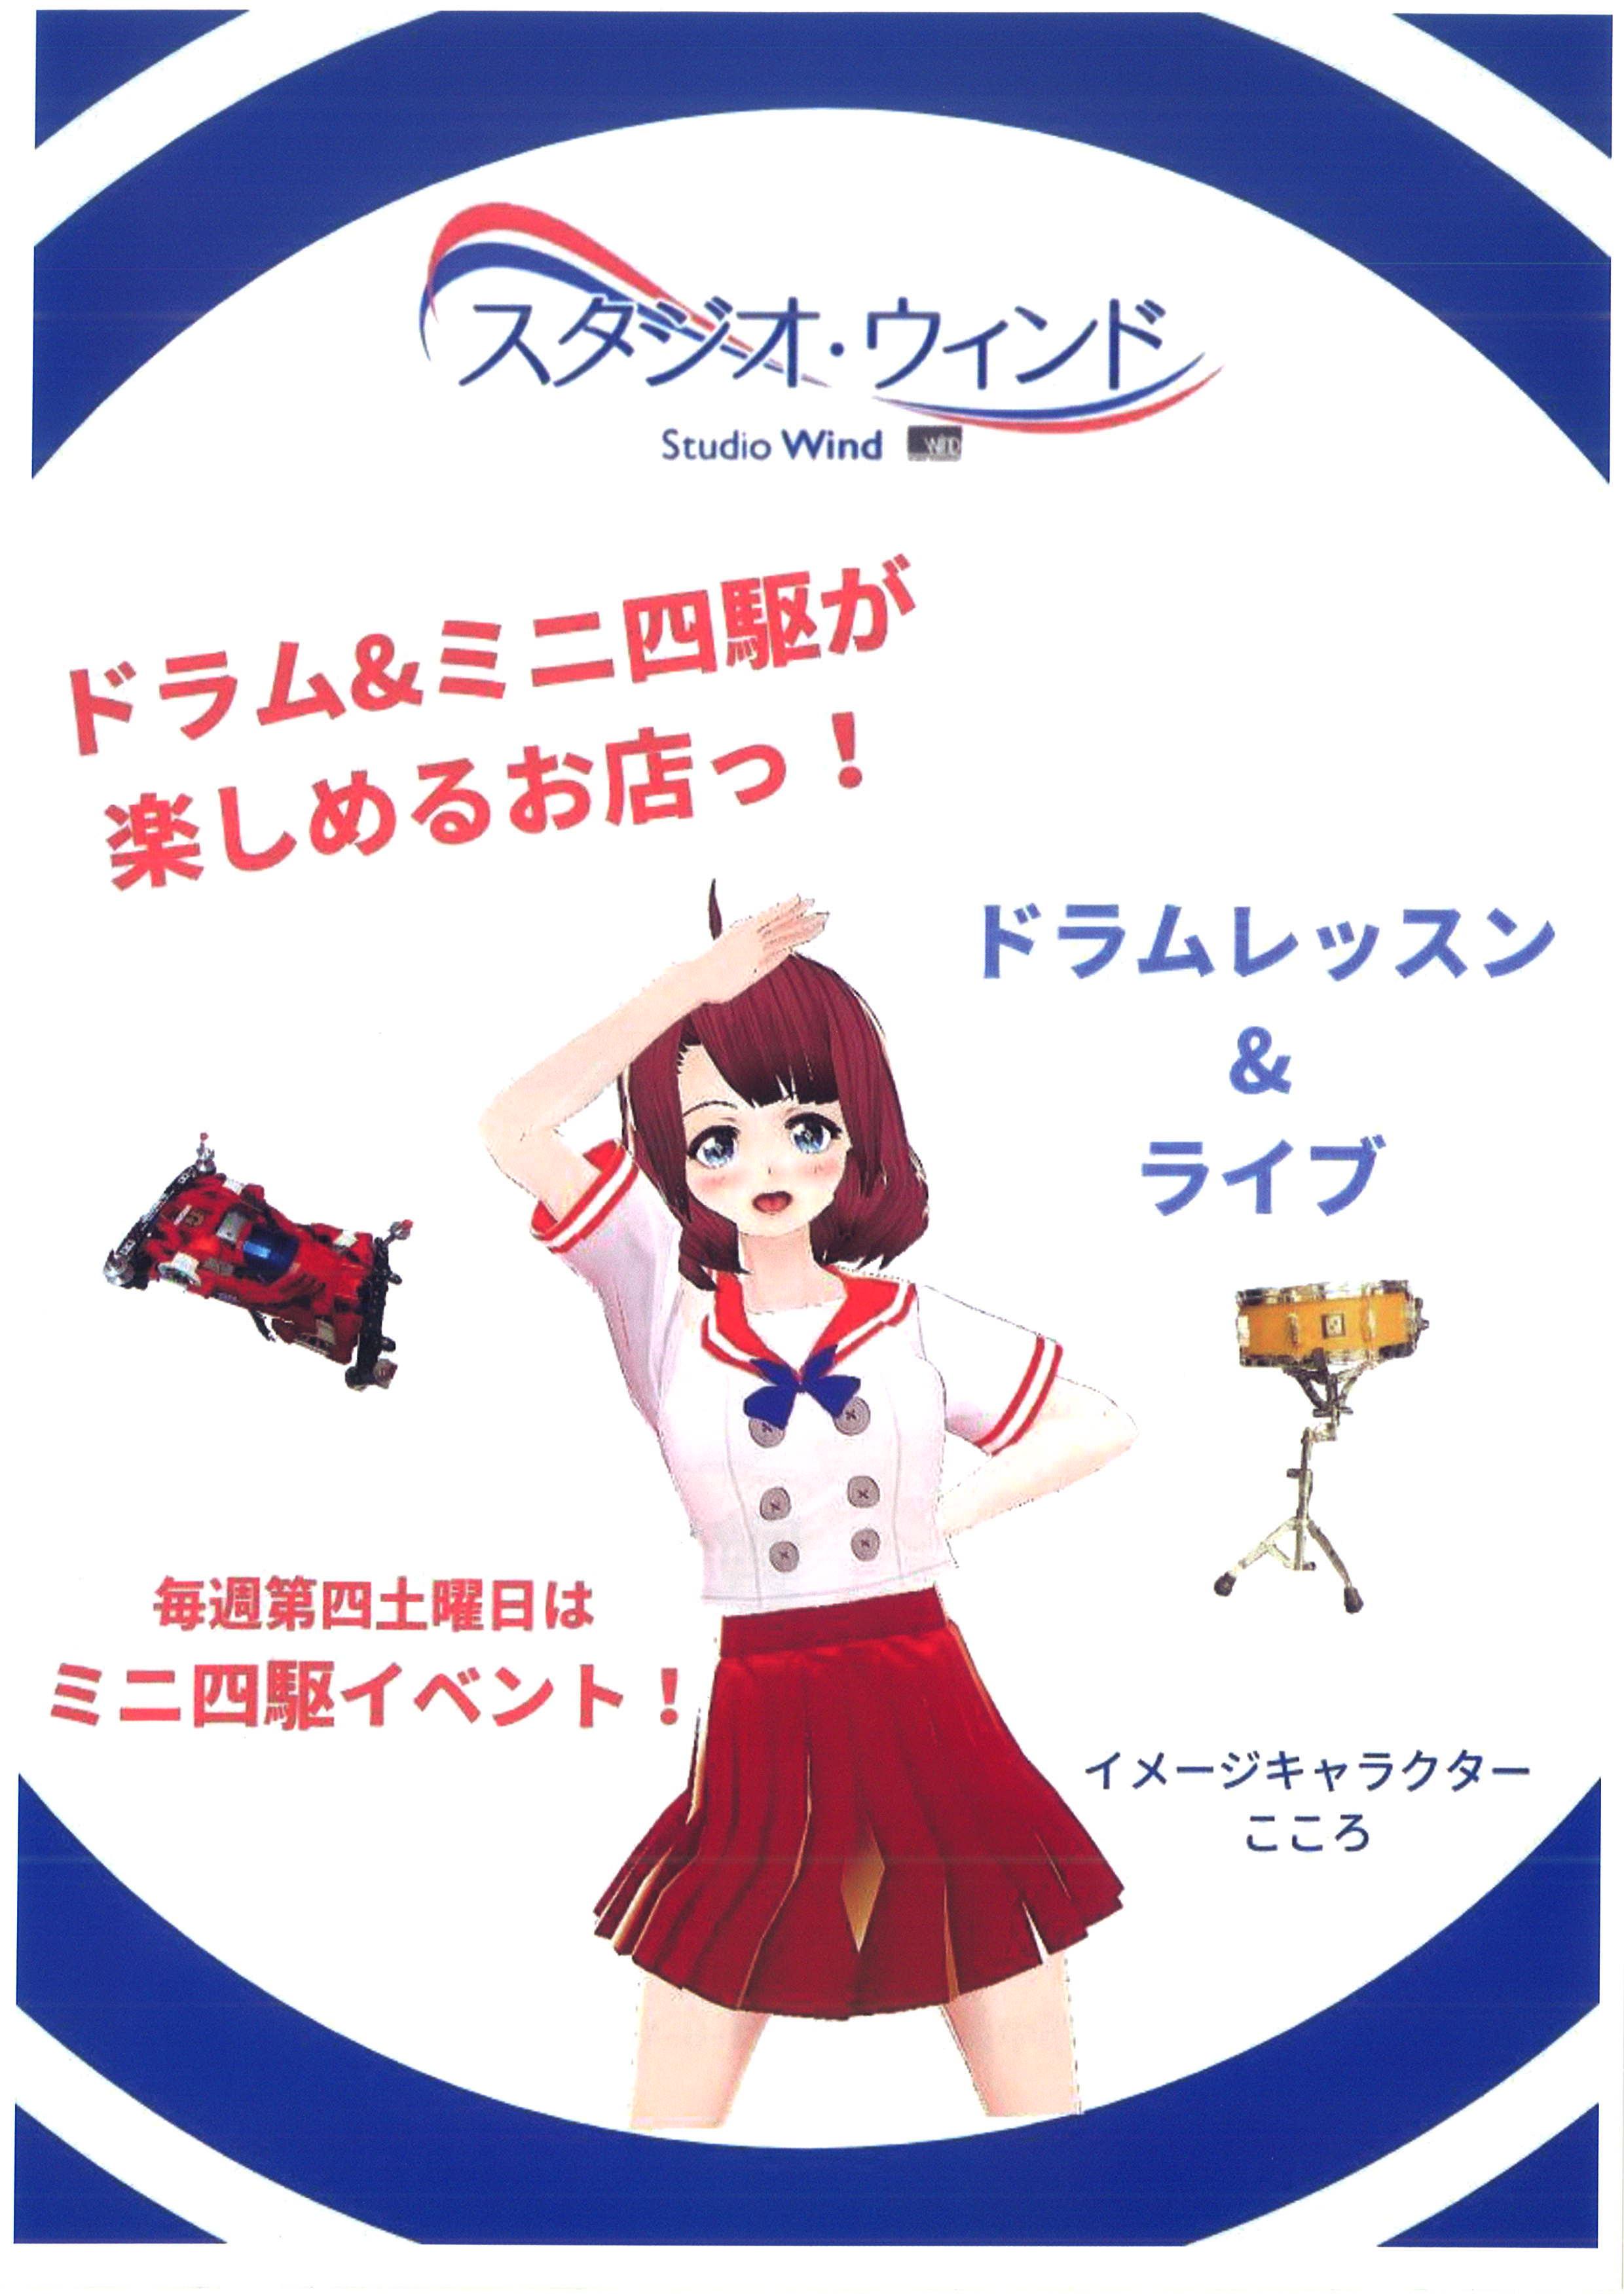 ミニ四駆イベント02.jpg